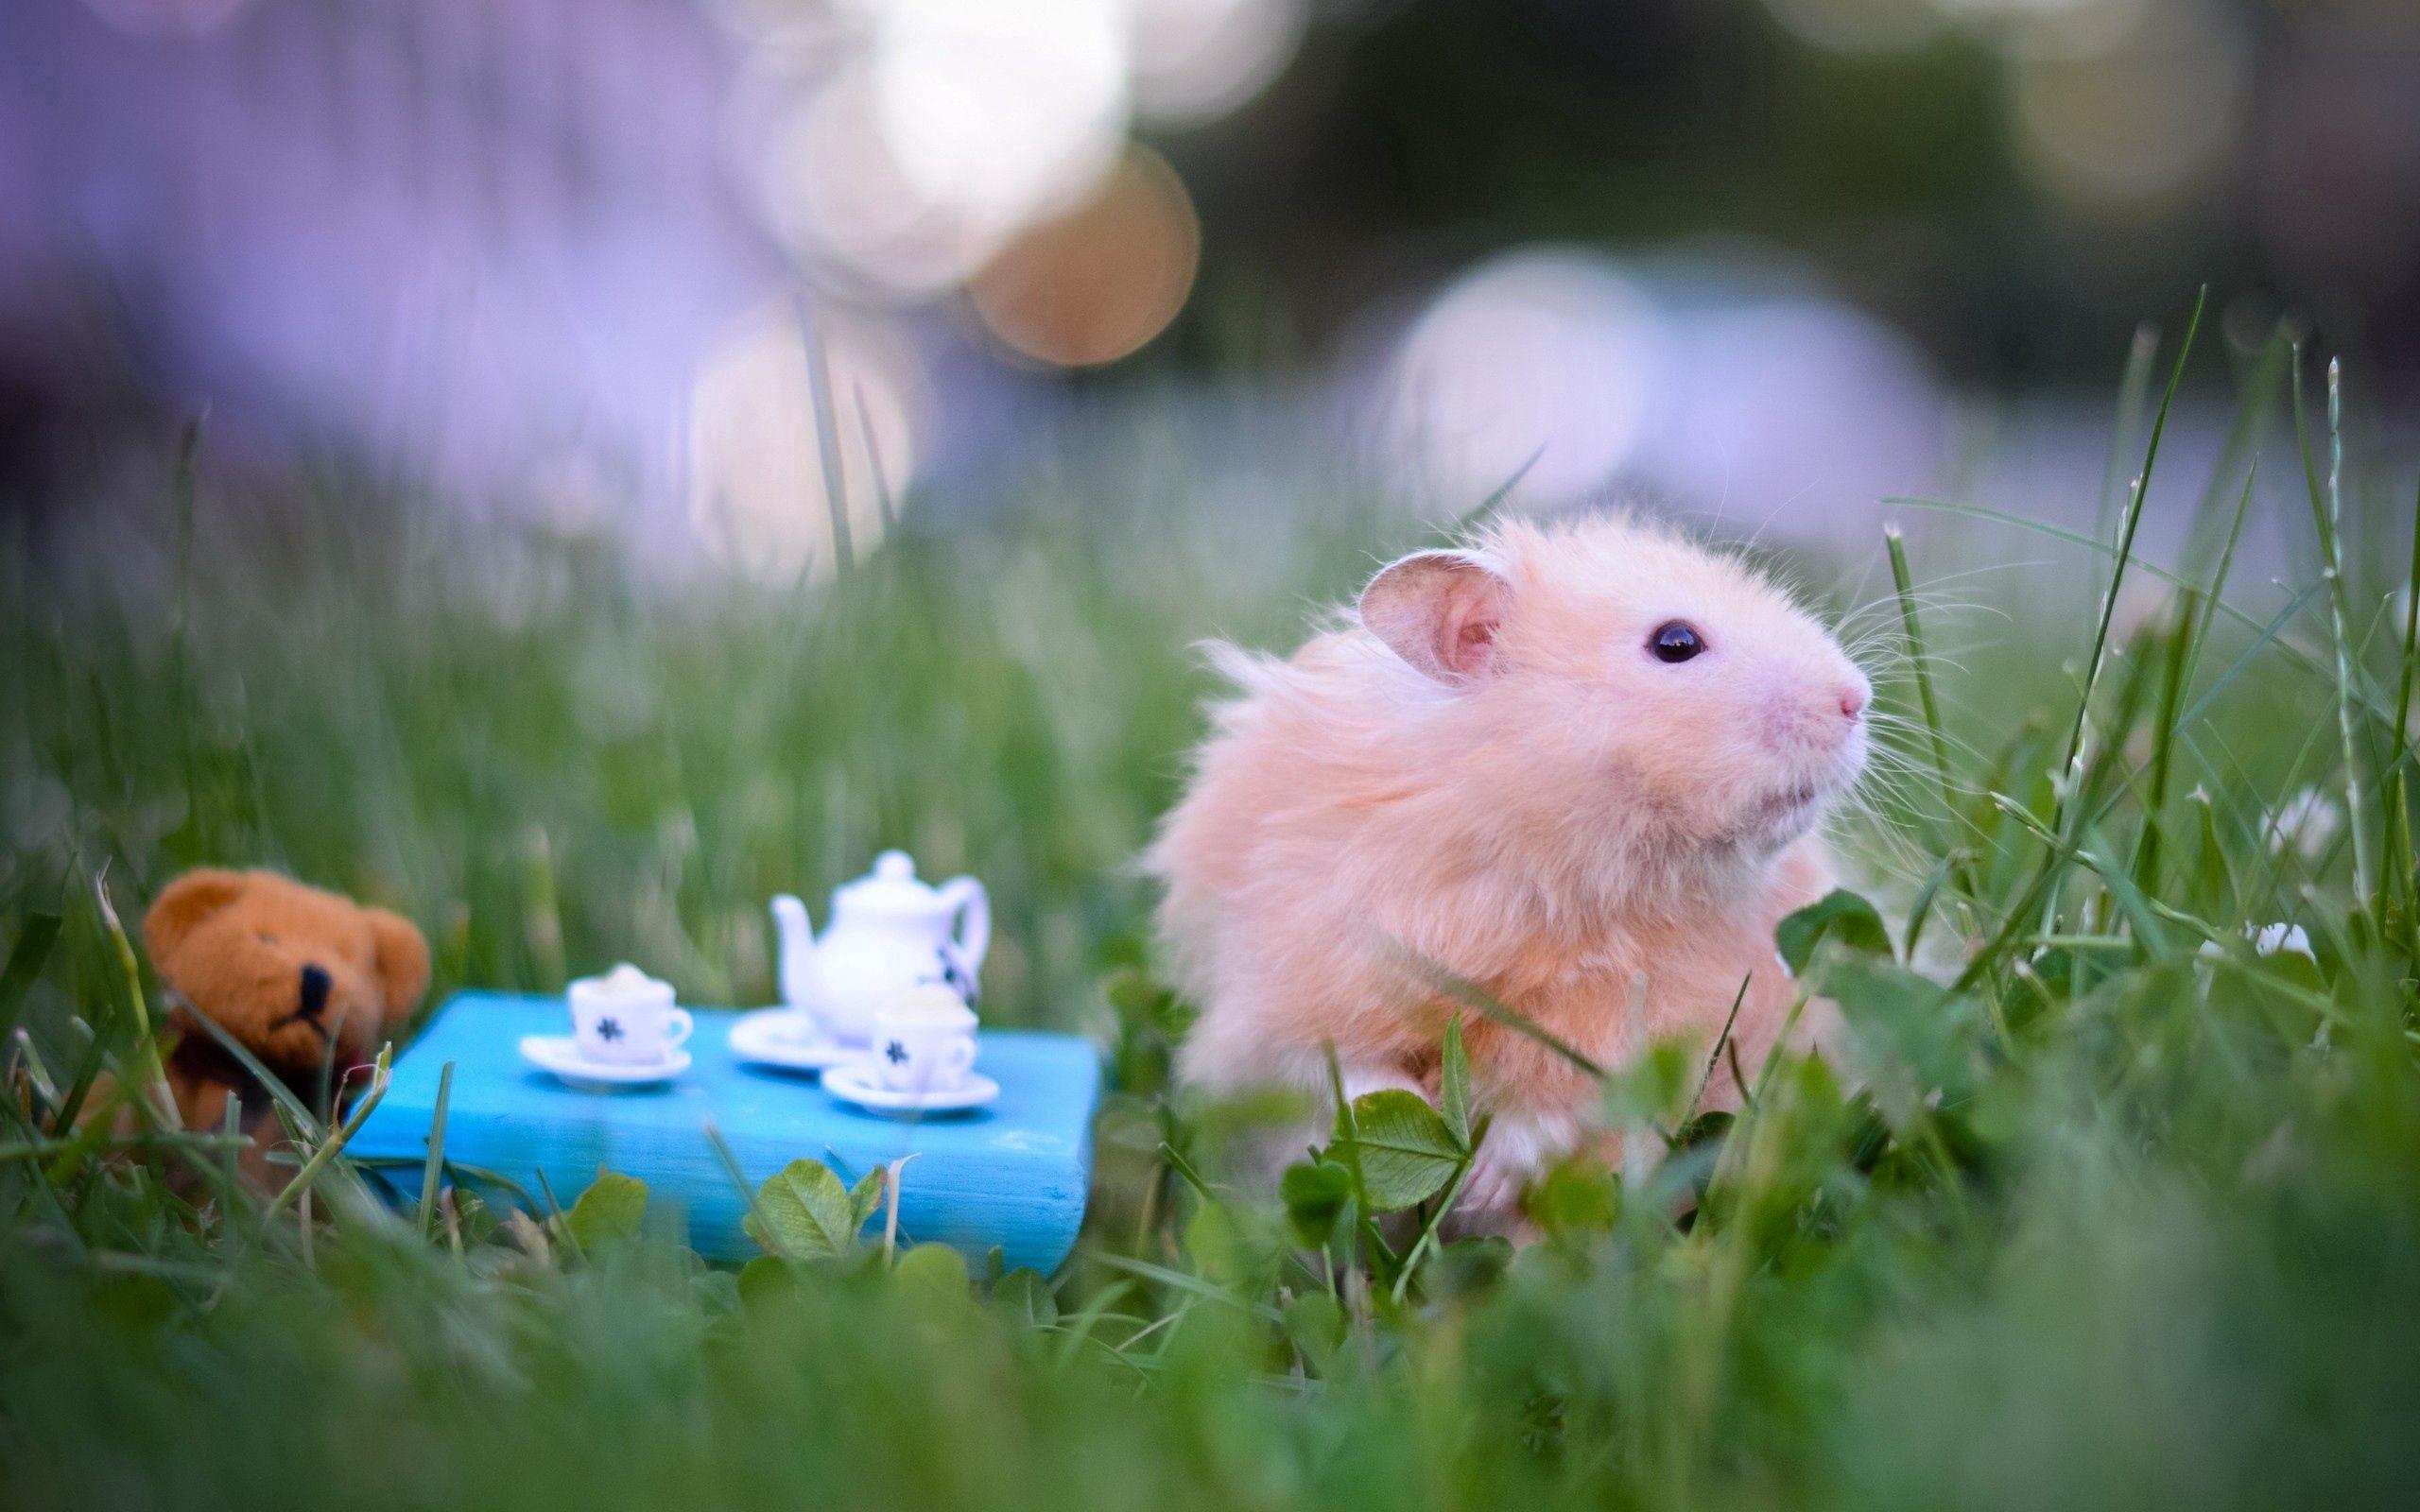 59822 Hintergrundbild herunterladen Tiere, Grass, Hamster, Spielzeug, Flauschige - Bildschirmschoner und Bilder kostenlos